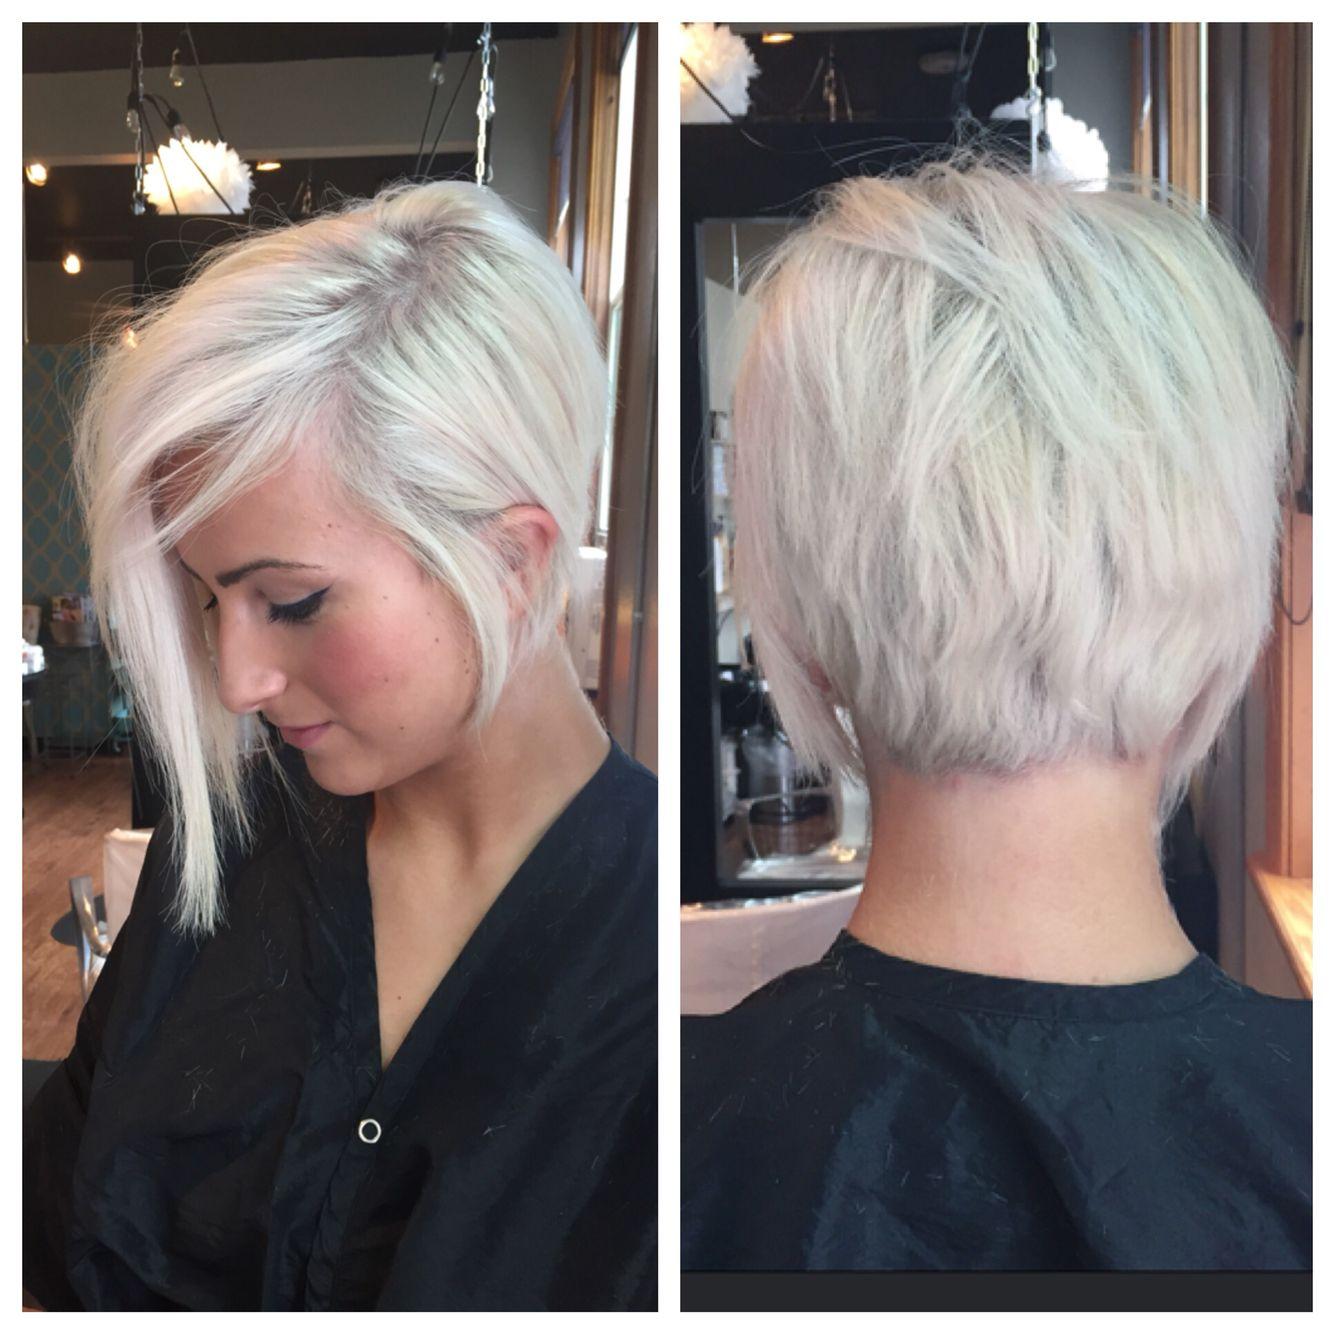 Went even shorter Long a symmetrical pixie cut  New Hair